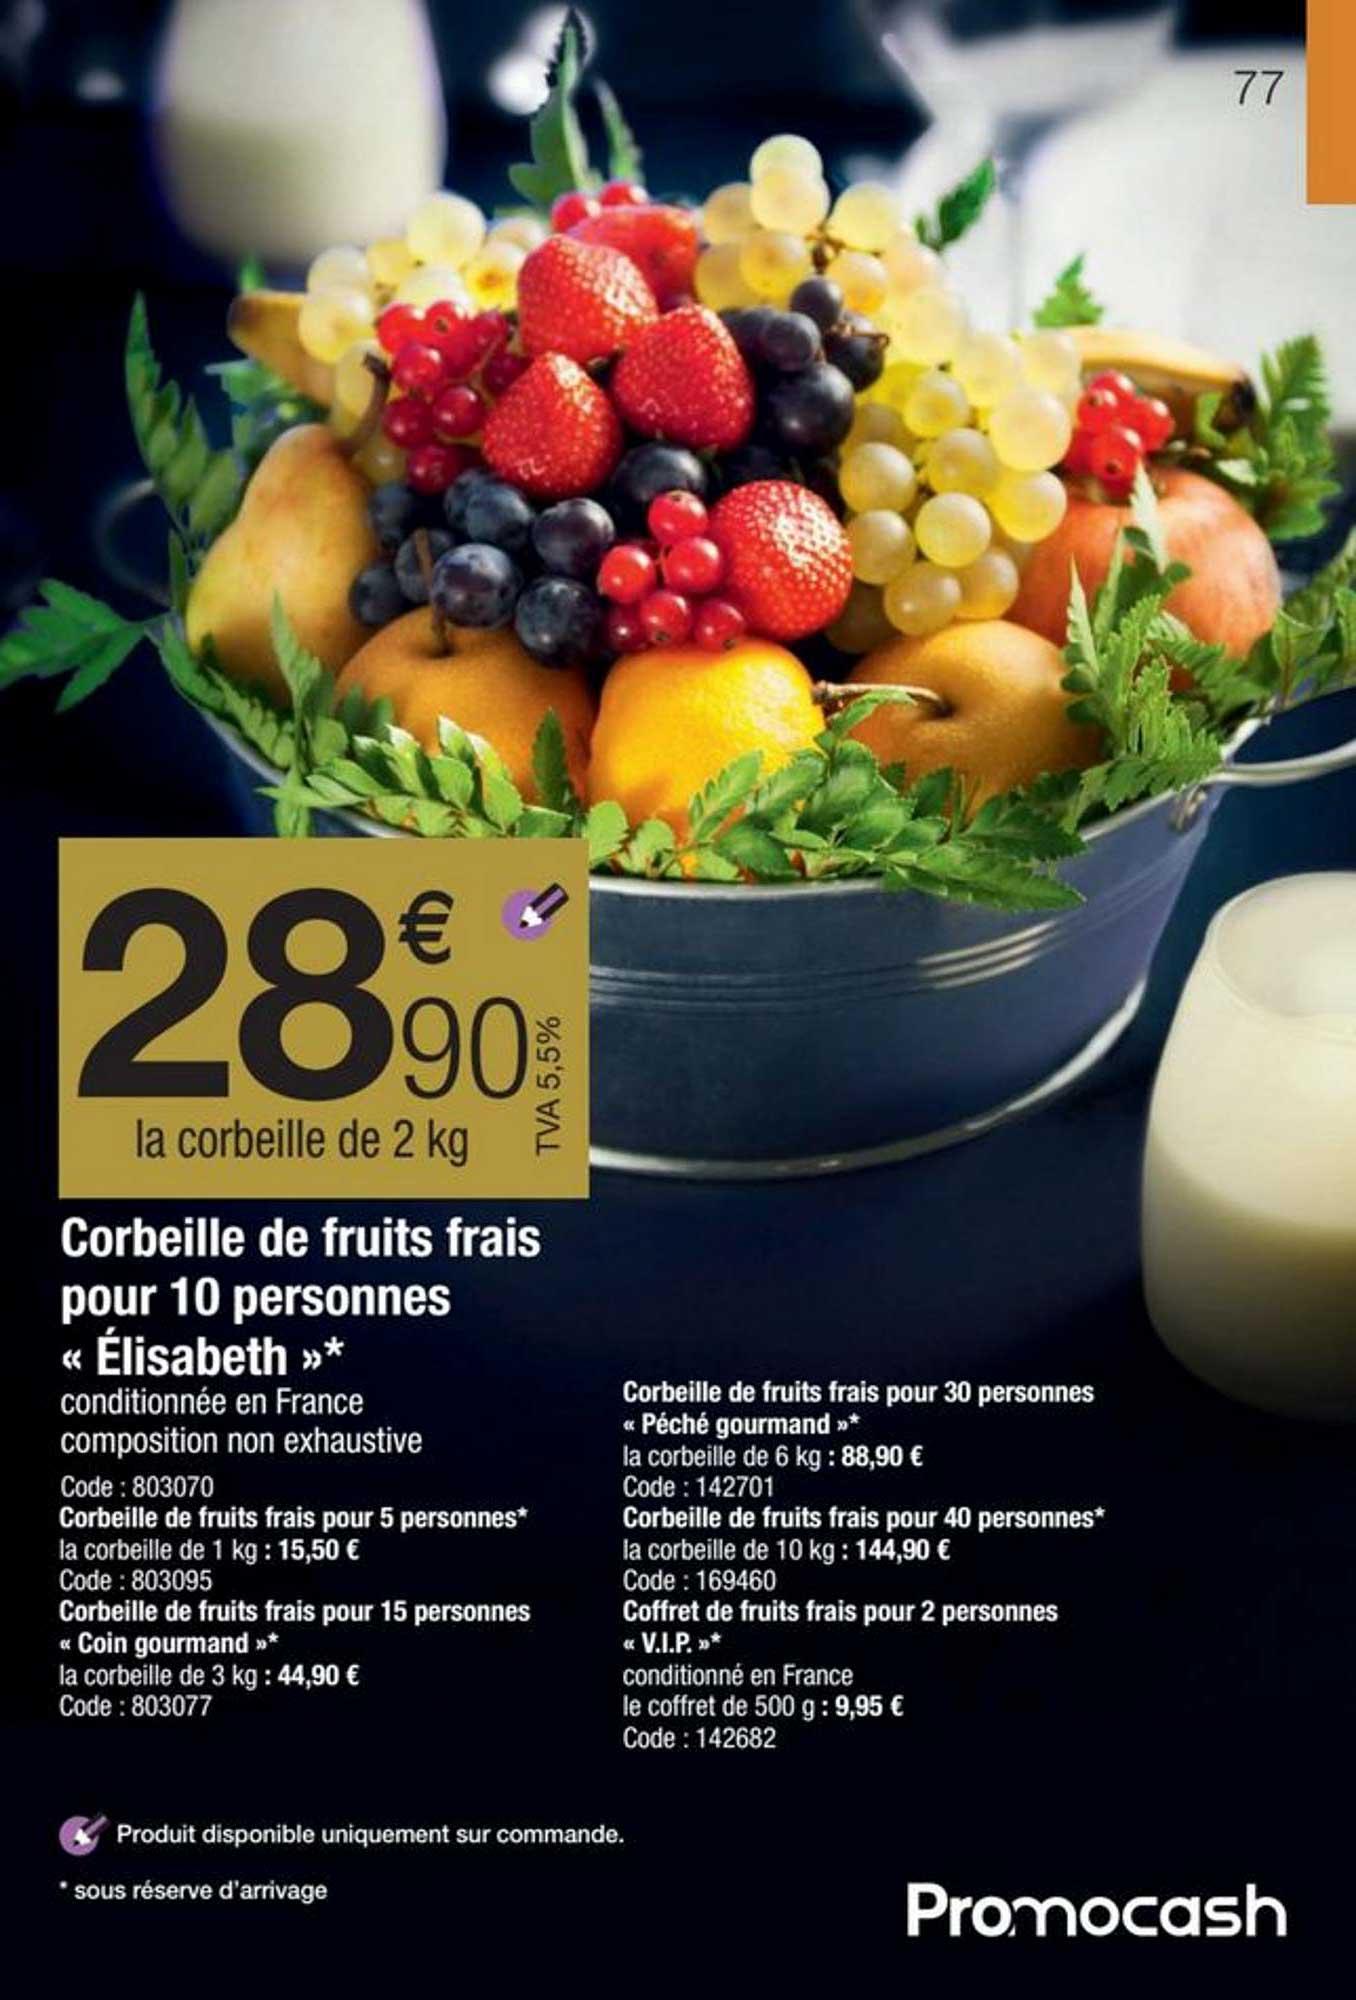 Promocash Corbeille De Fruits Frais Pour 10 Personnes «elisabeth»